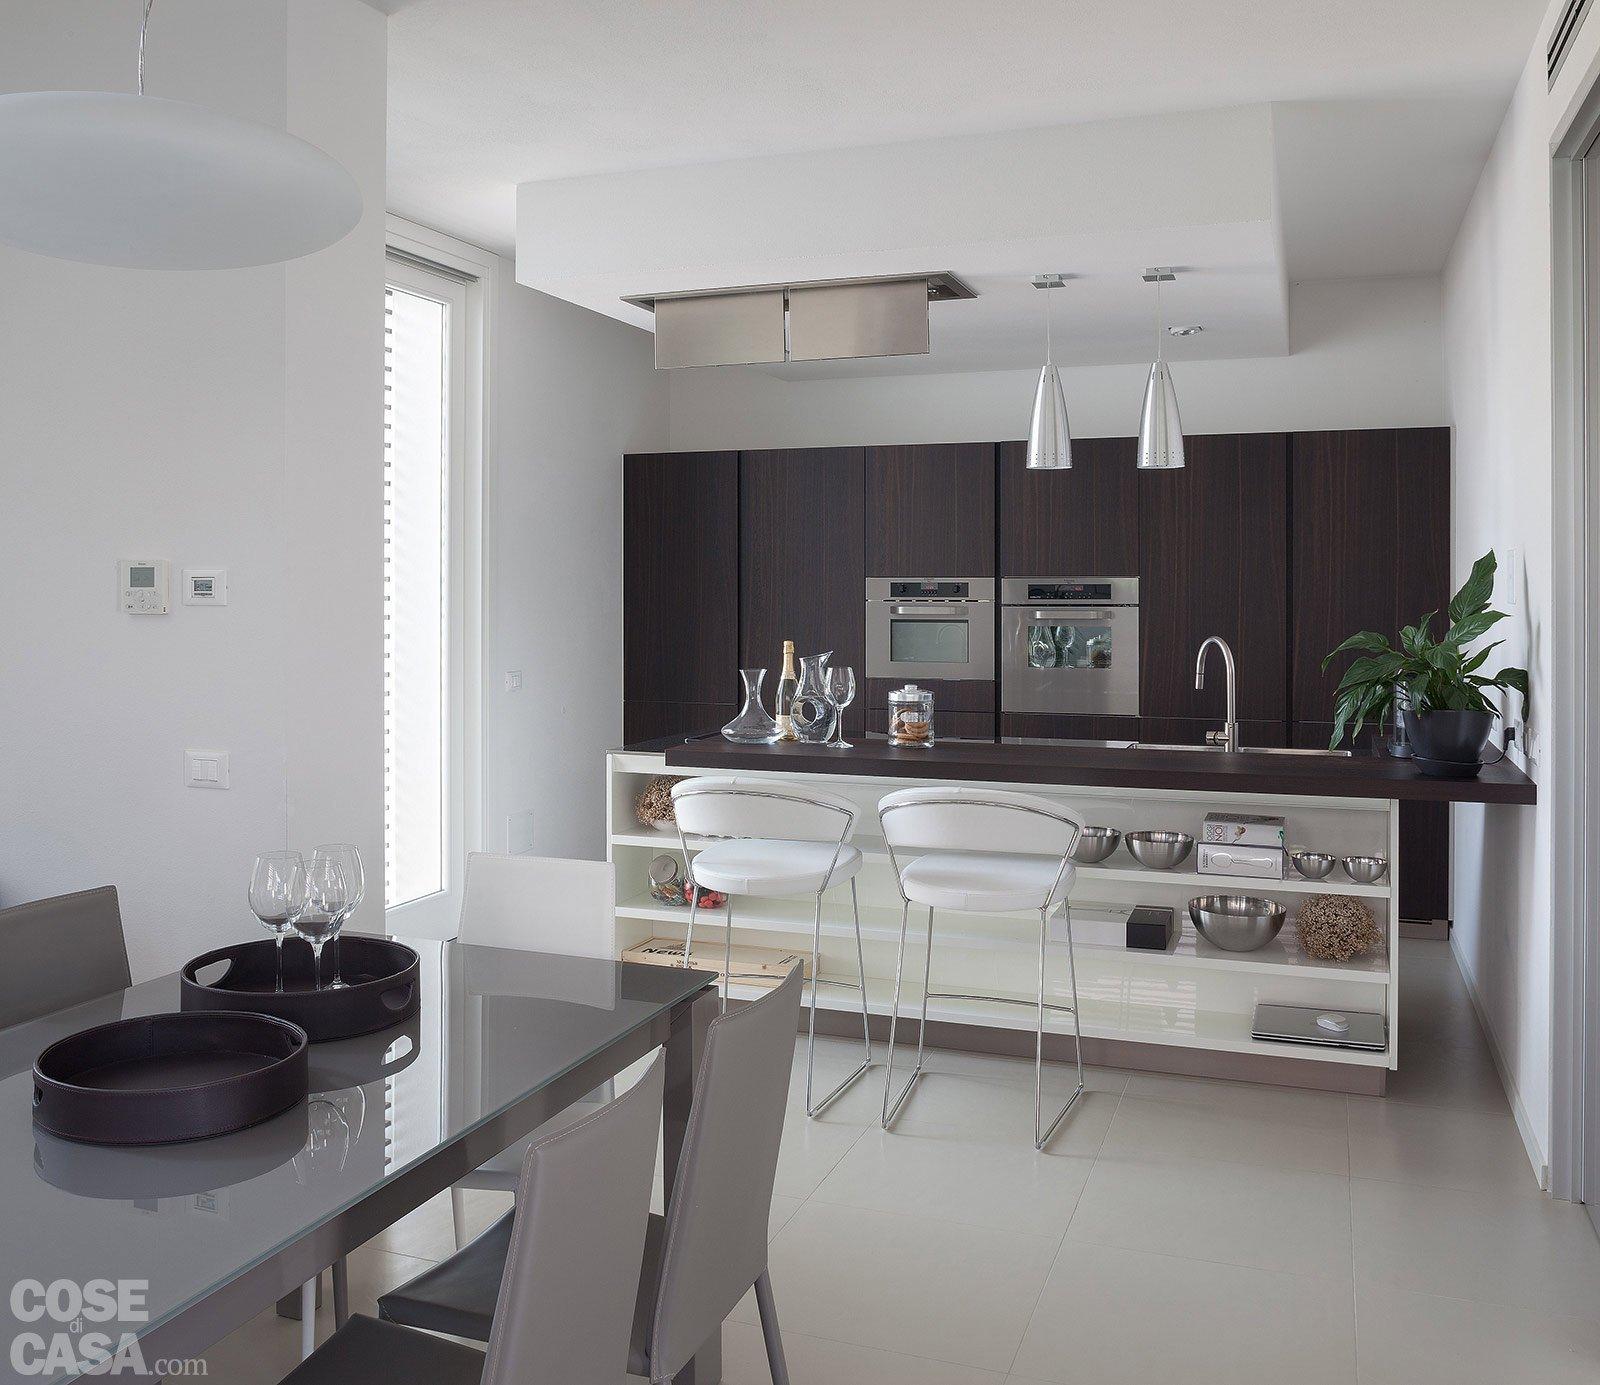 Architetture in piena luce cose di casa for Idee di casa di piano aperto